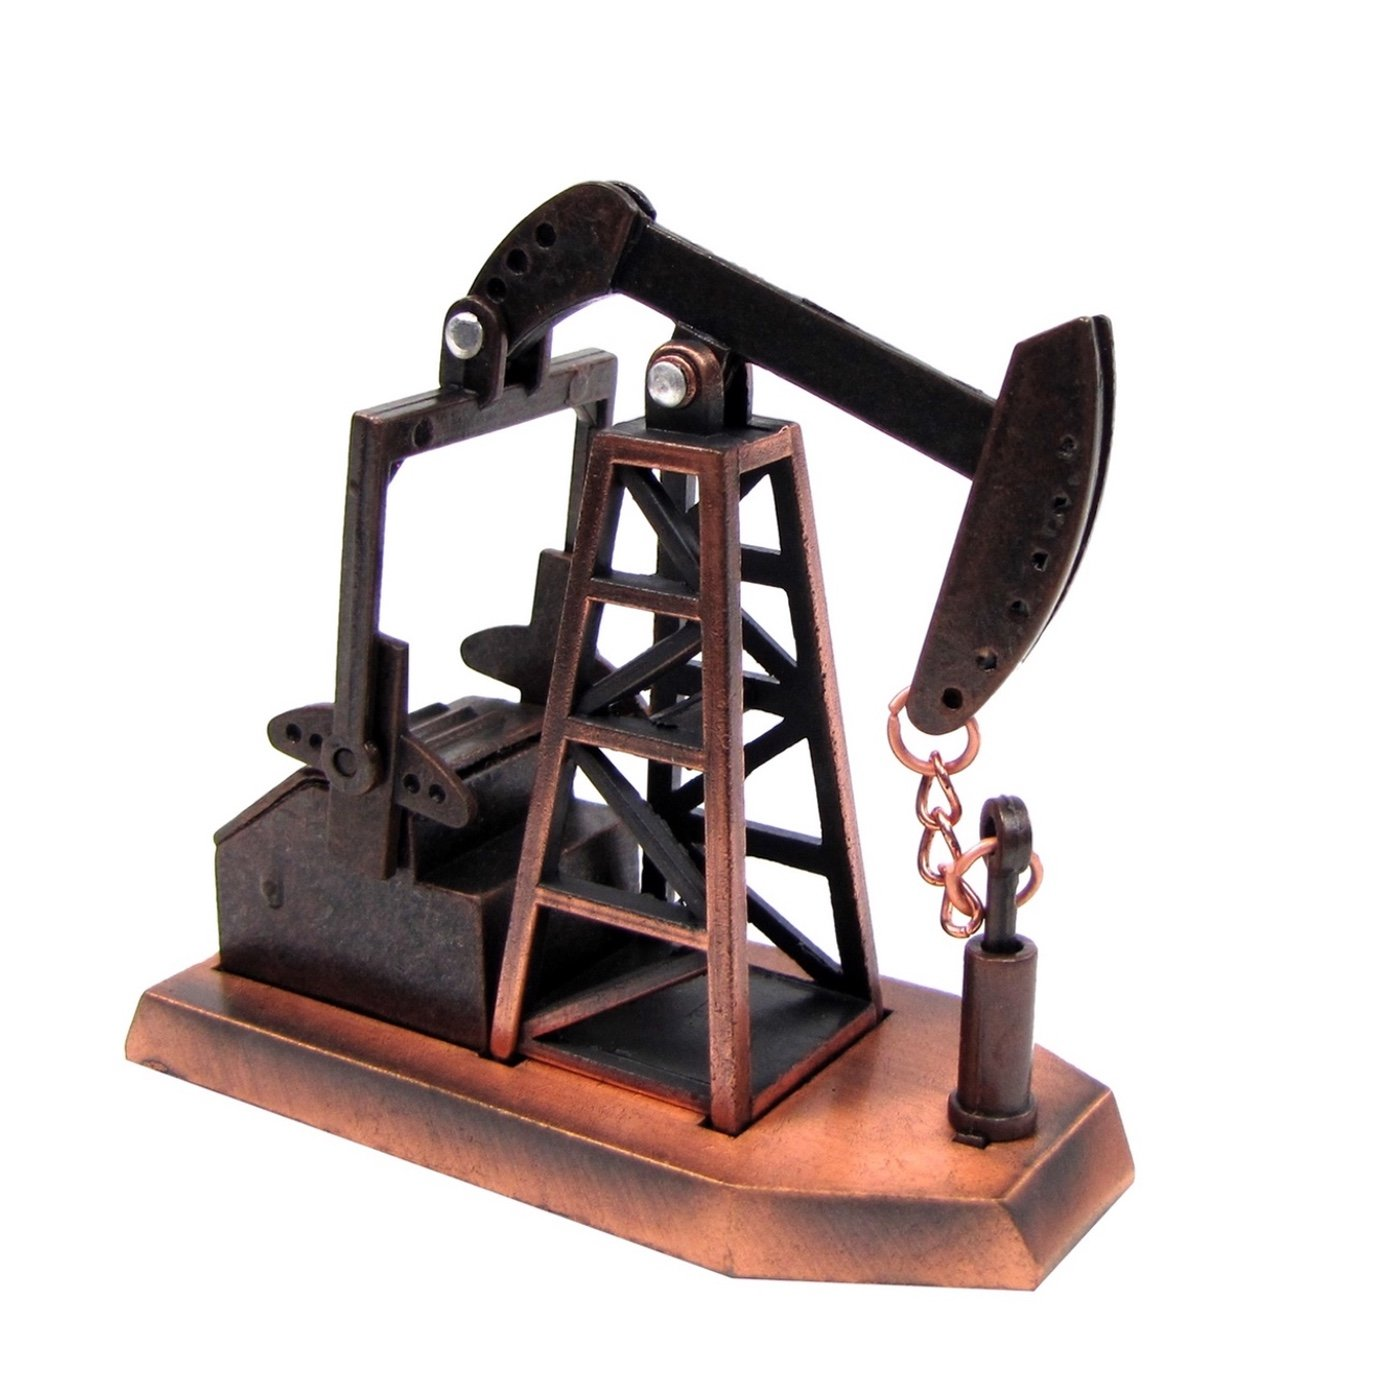 tgllc 148 o gauge scale replica oilfield oil pump jack rig die